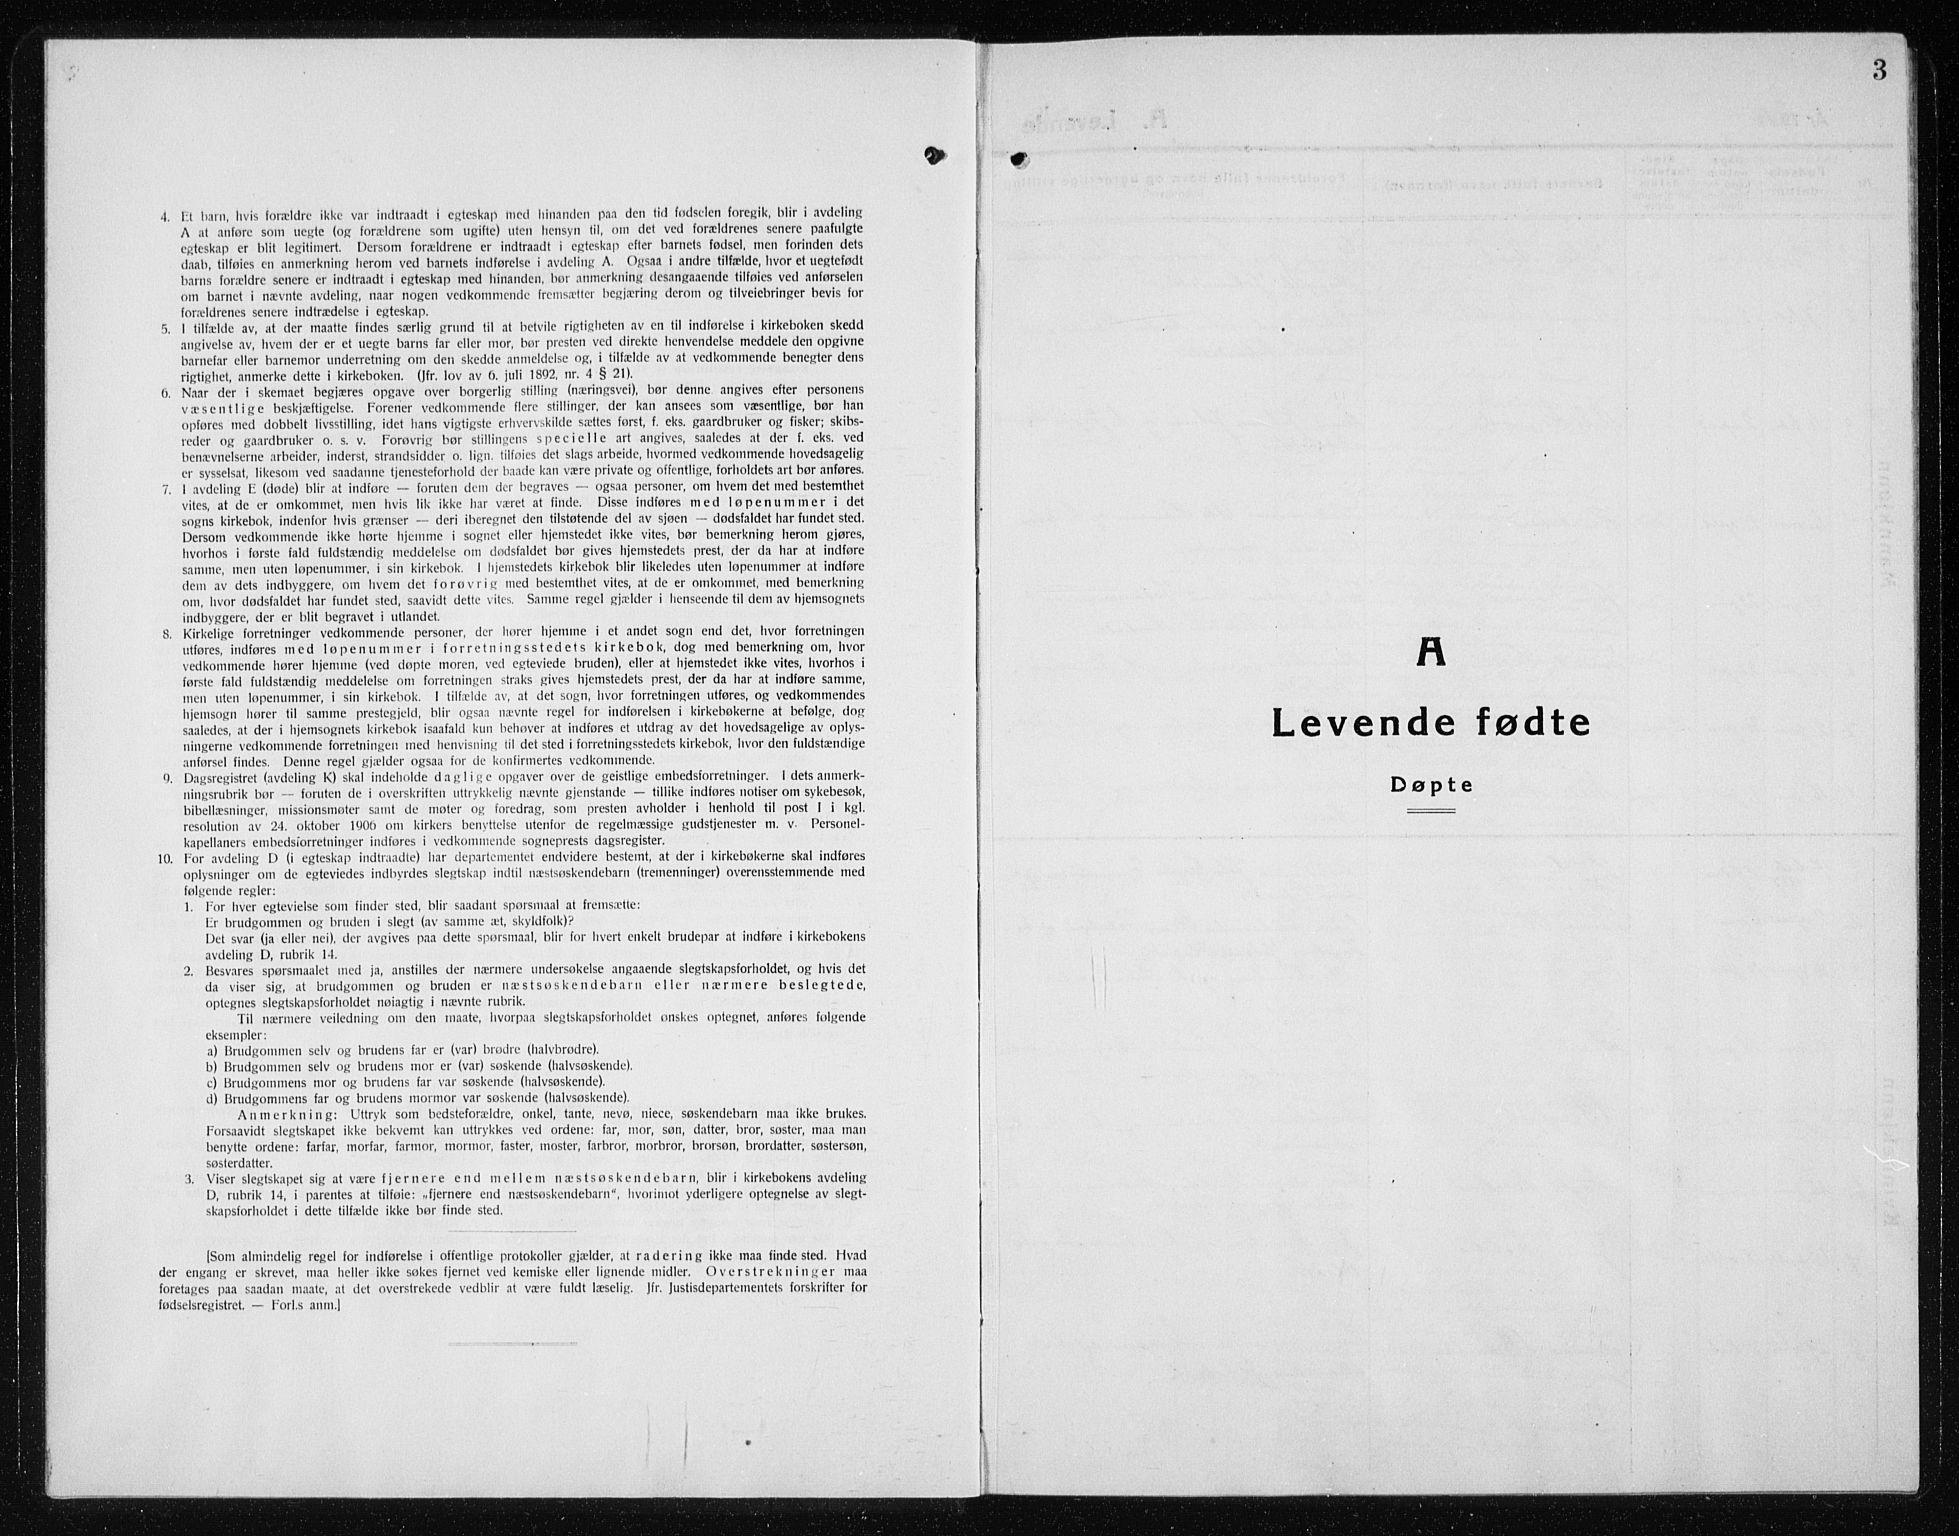 SAT, Ministerialprotokoller, klokkerbøker og fødselsregistre - Nord-Trøndelag, 719/L0180: Klokkerbok nr. 719C01, 1878-1940, s. 3